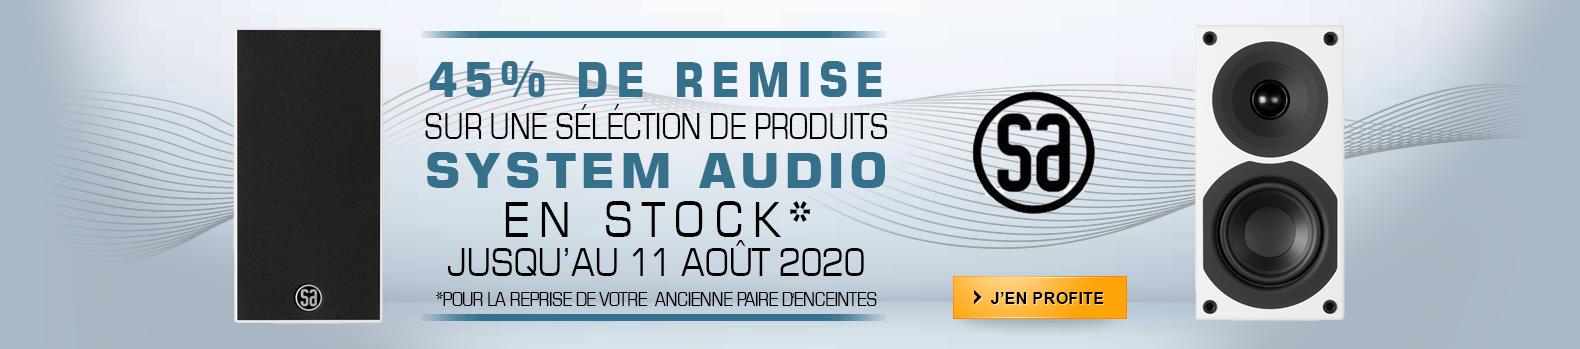 Offre de reprise ! Profitez de -45% sur une sélection de produits System Audio jusqu'au 11 Aout 2020